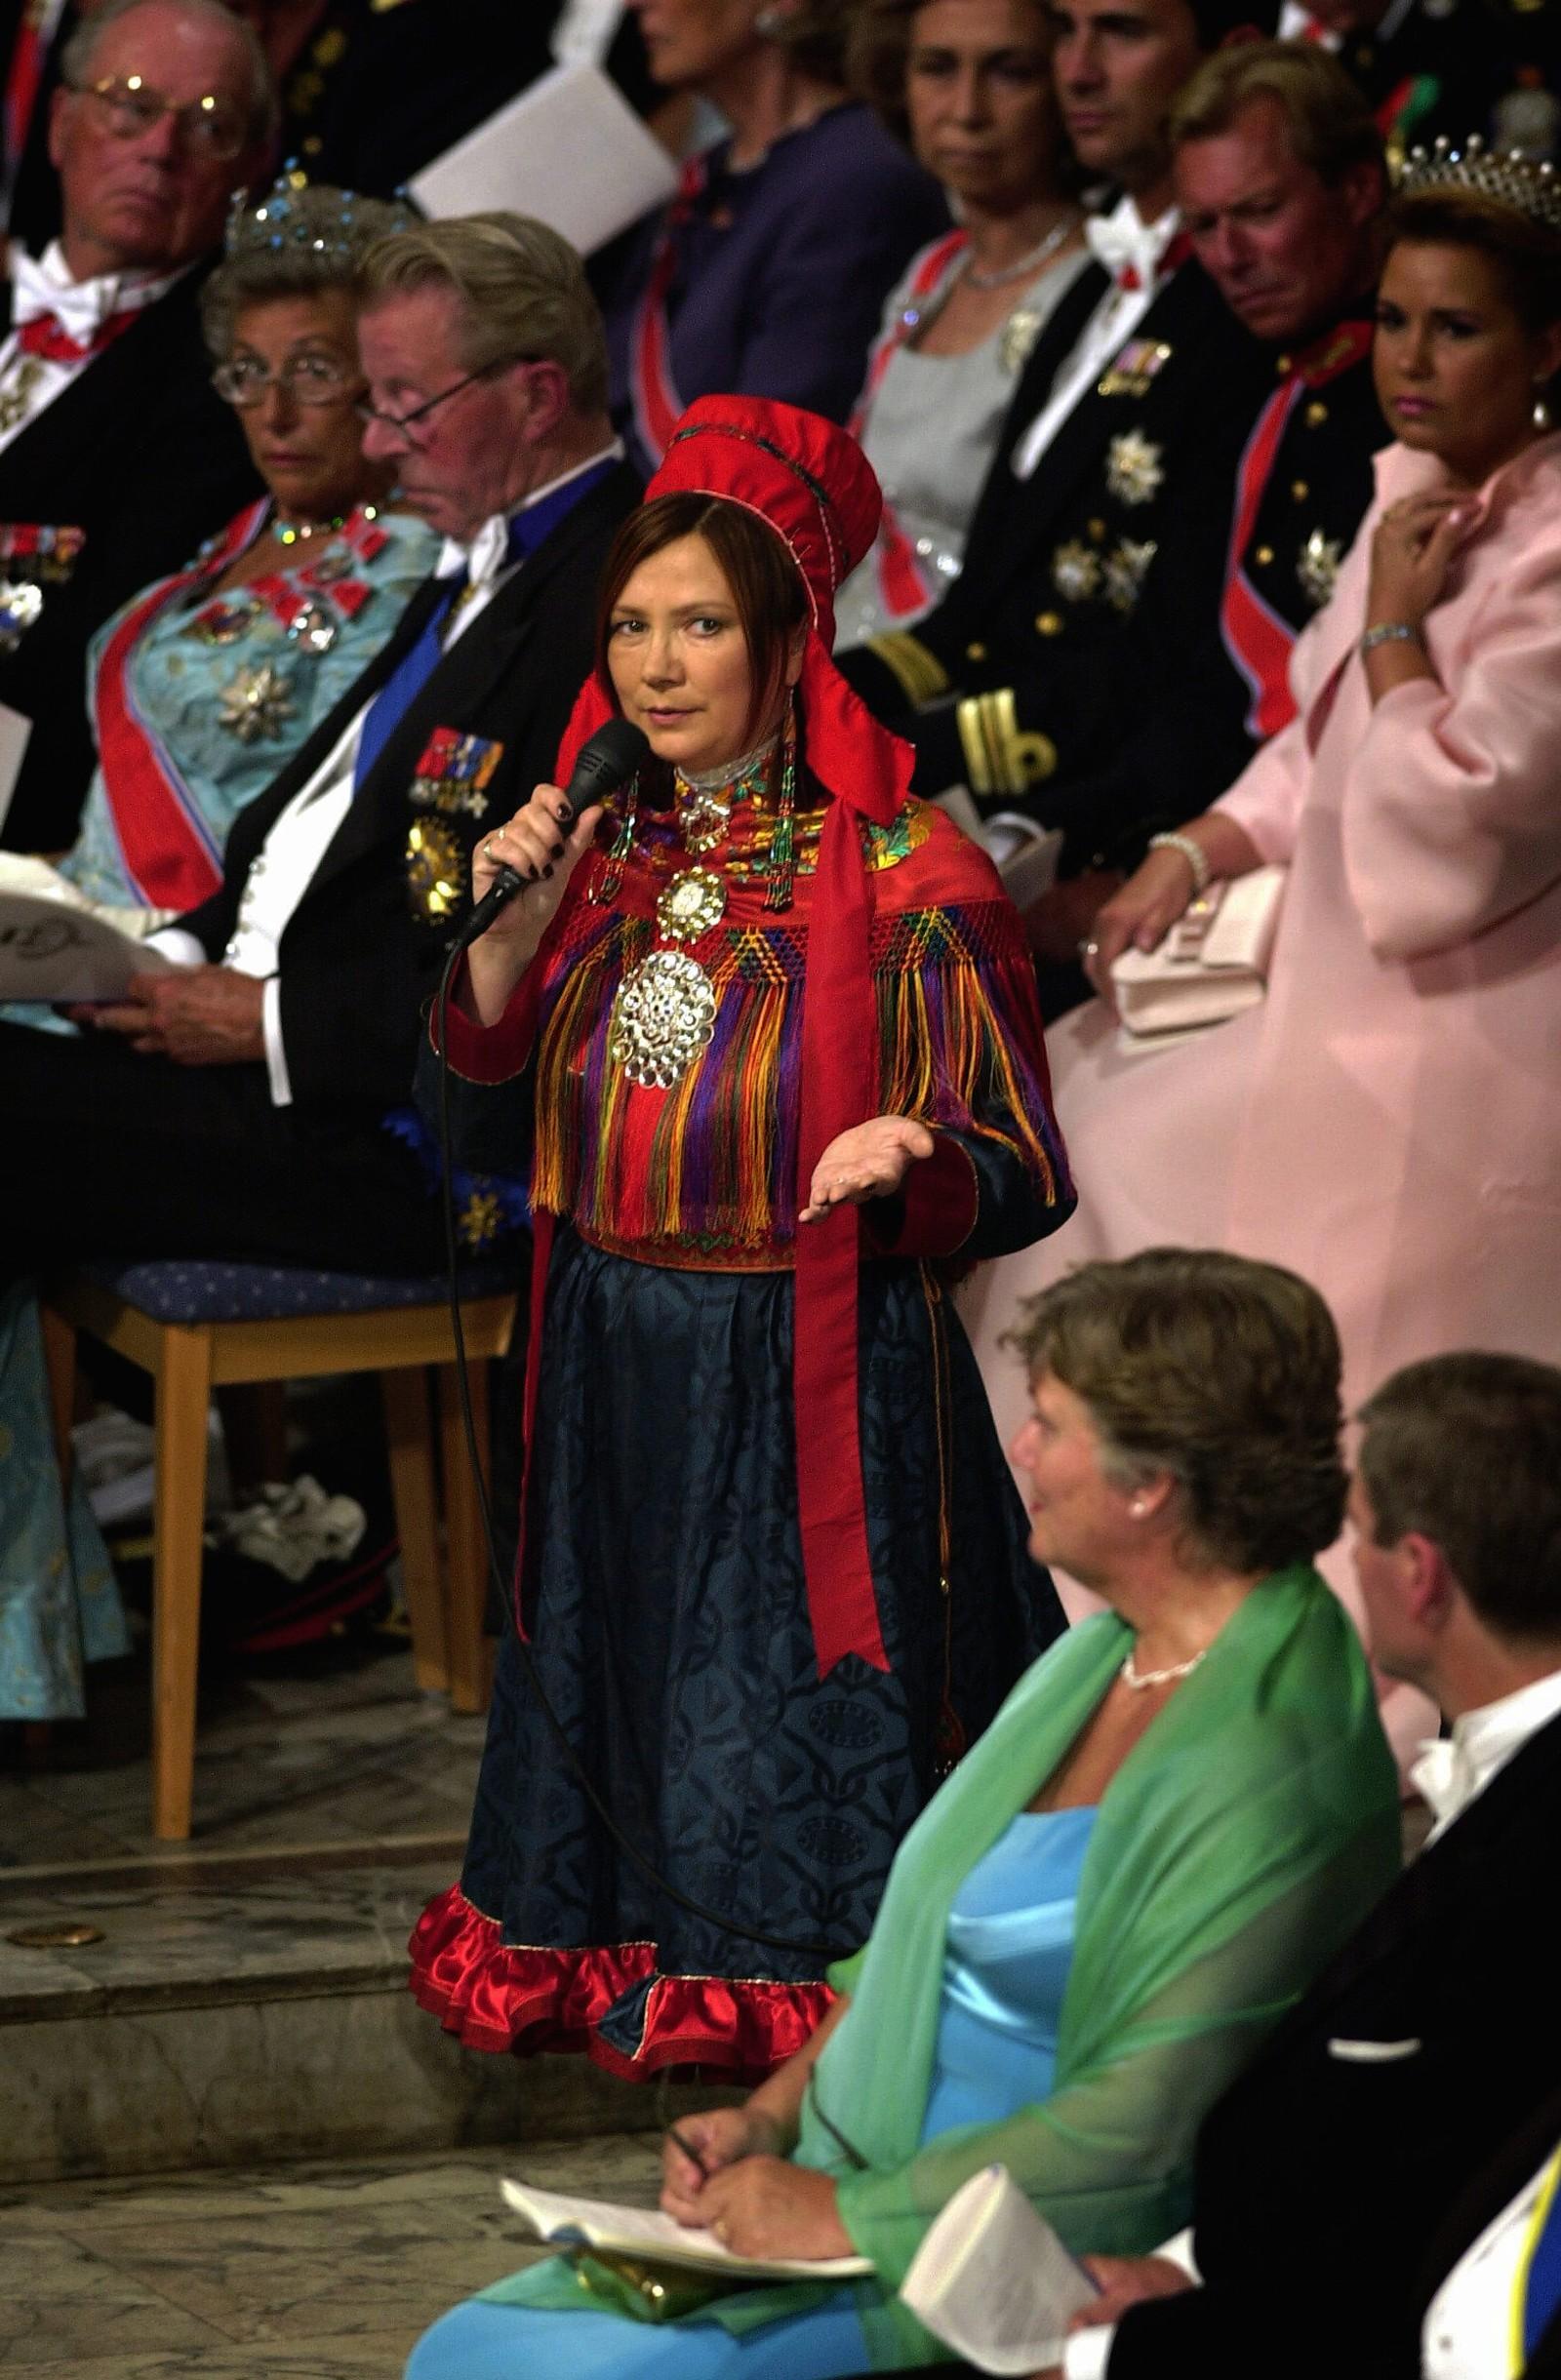 Mari Boine var en av artistene som sang i Kronprins Haakon og Kronprinsesse Mette-Marit sitt bryllup i Oslo domkirke den 25. august 2001. Her fremførte Boine «Mitt hjerte alltid vanker».